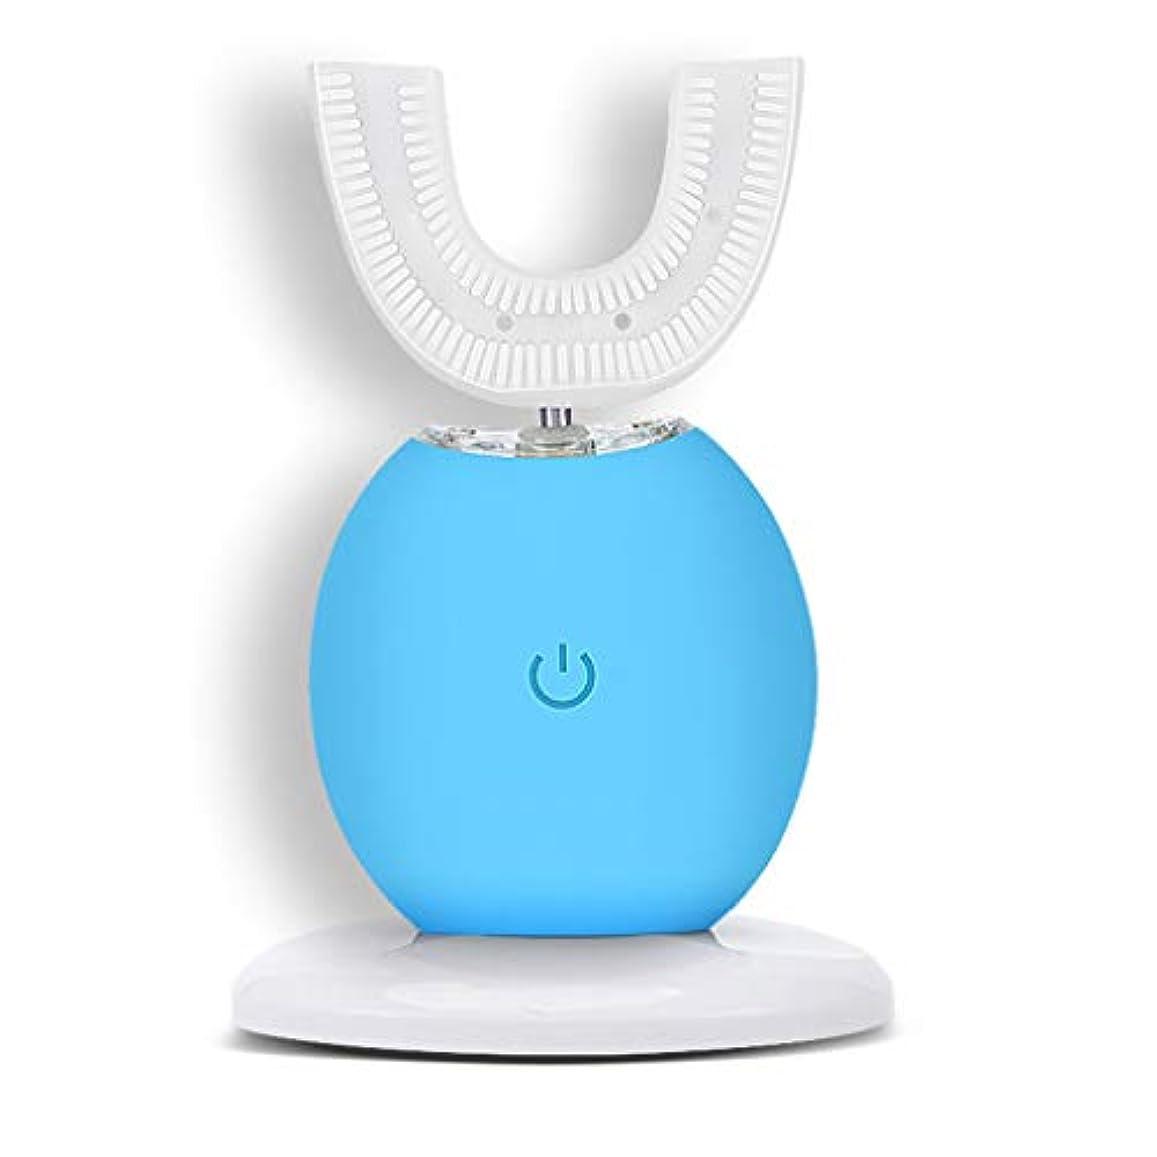 空気モンキー明らかにする自動電動歯ブラシインテリジェント超音波ホワイトニング防水カップルブレース怠惰なブラッシングアーティファクト (色 : 青)